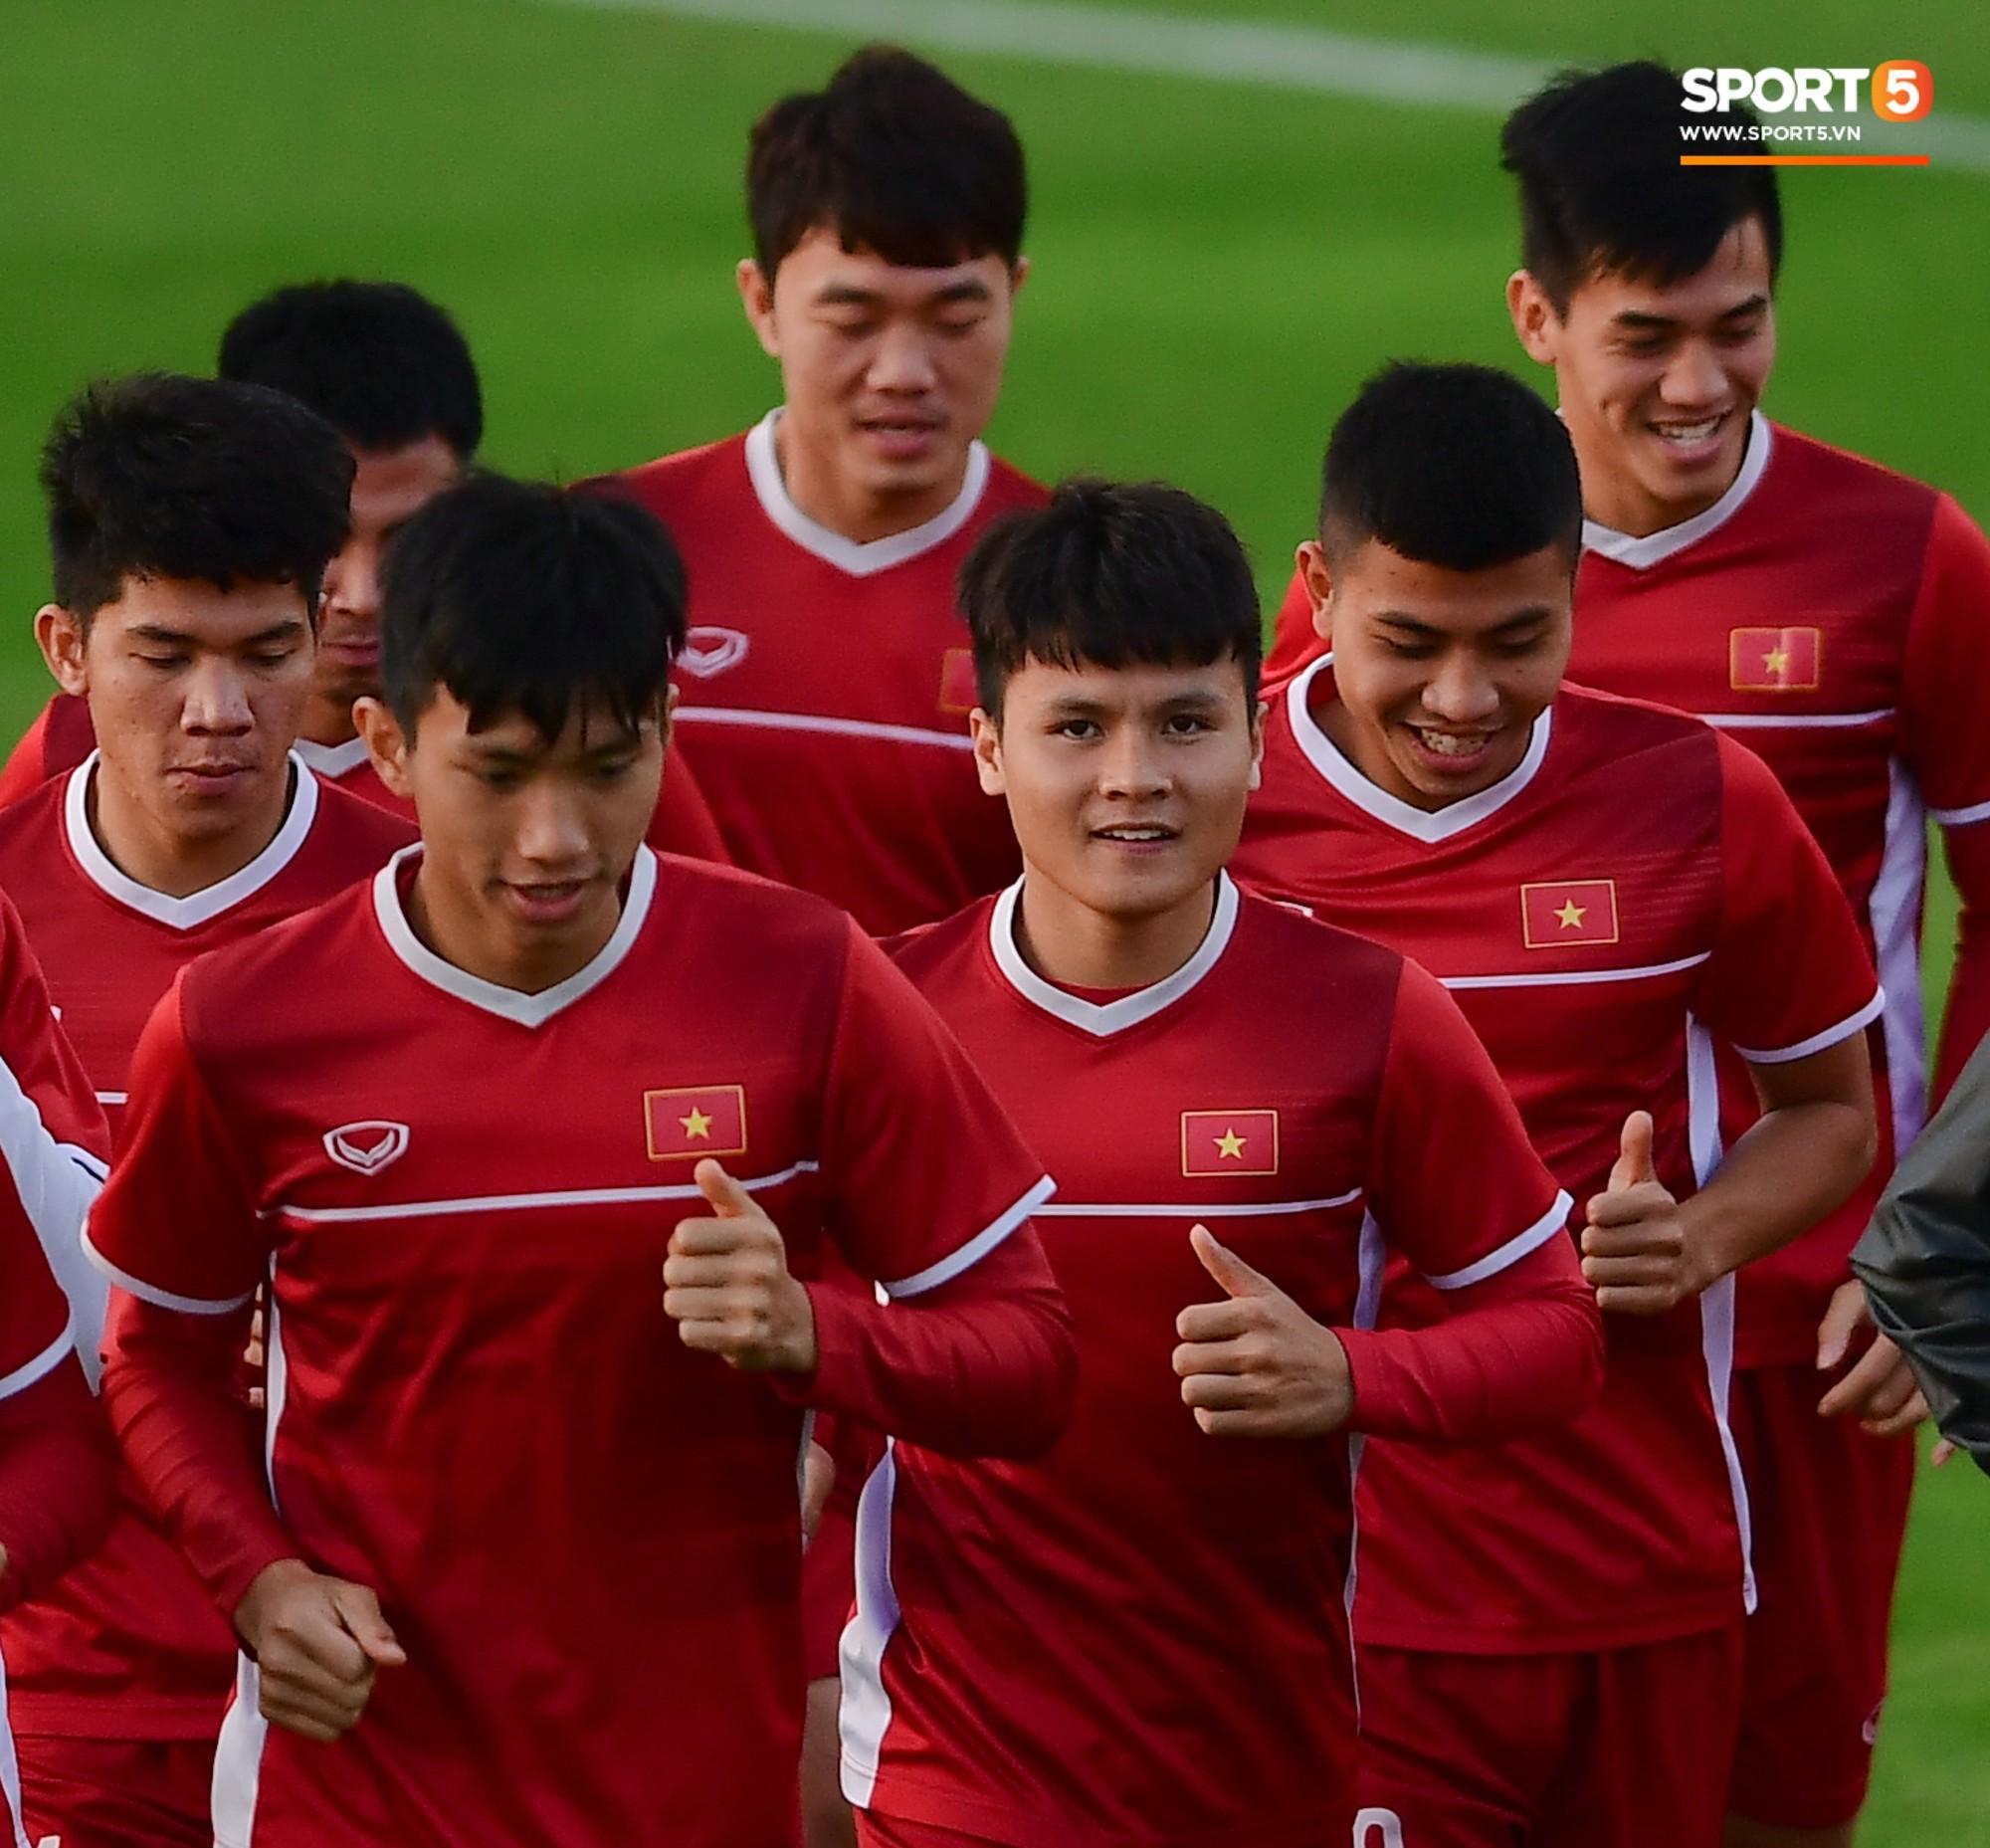 Xuân Trường cười tỏa nắng trong buổi tập trước trận ra quân tại Asian Cup 2019-1